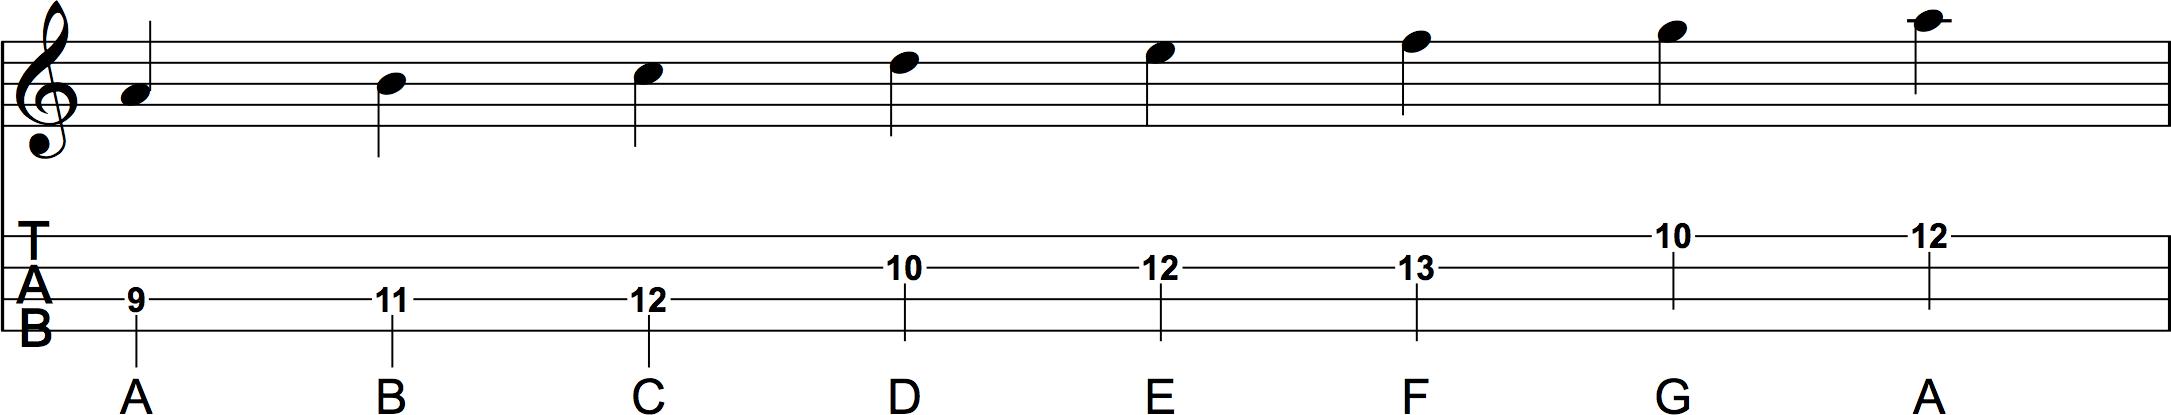 C Major Scale Position 5 Sheet Music and Ukulele Tab